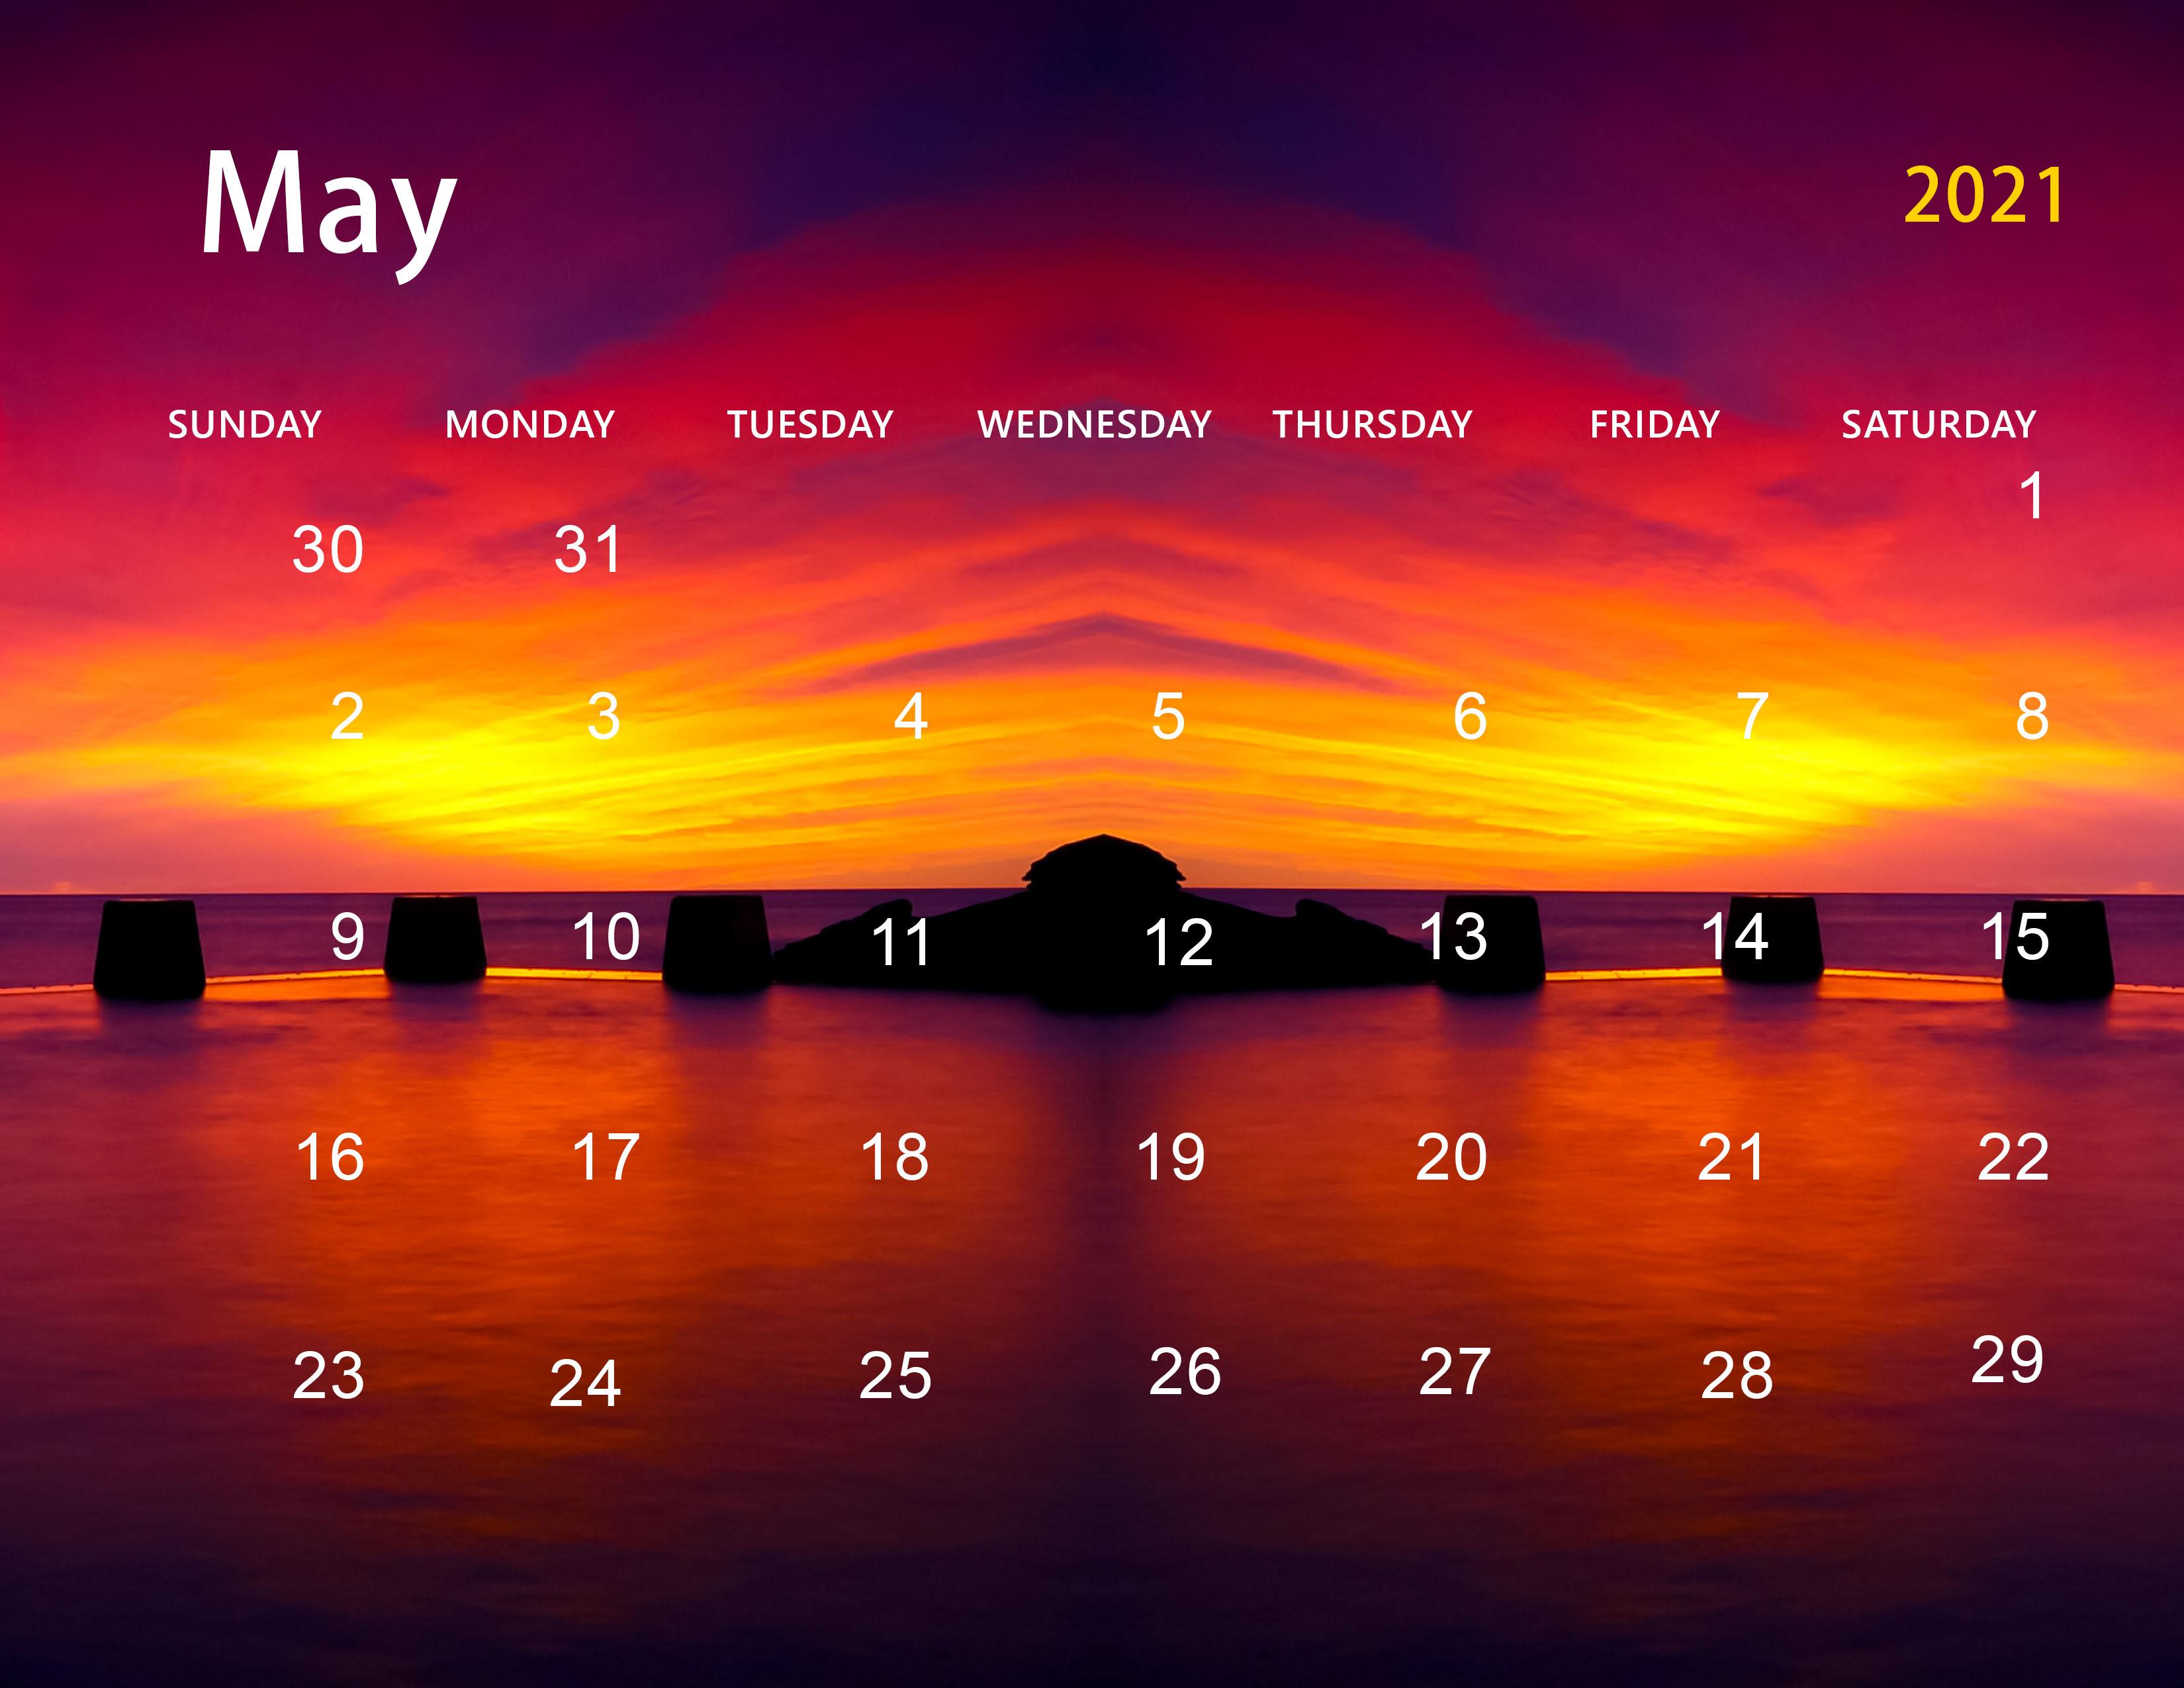 Cute May 2021 Calendar